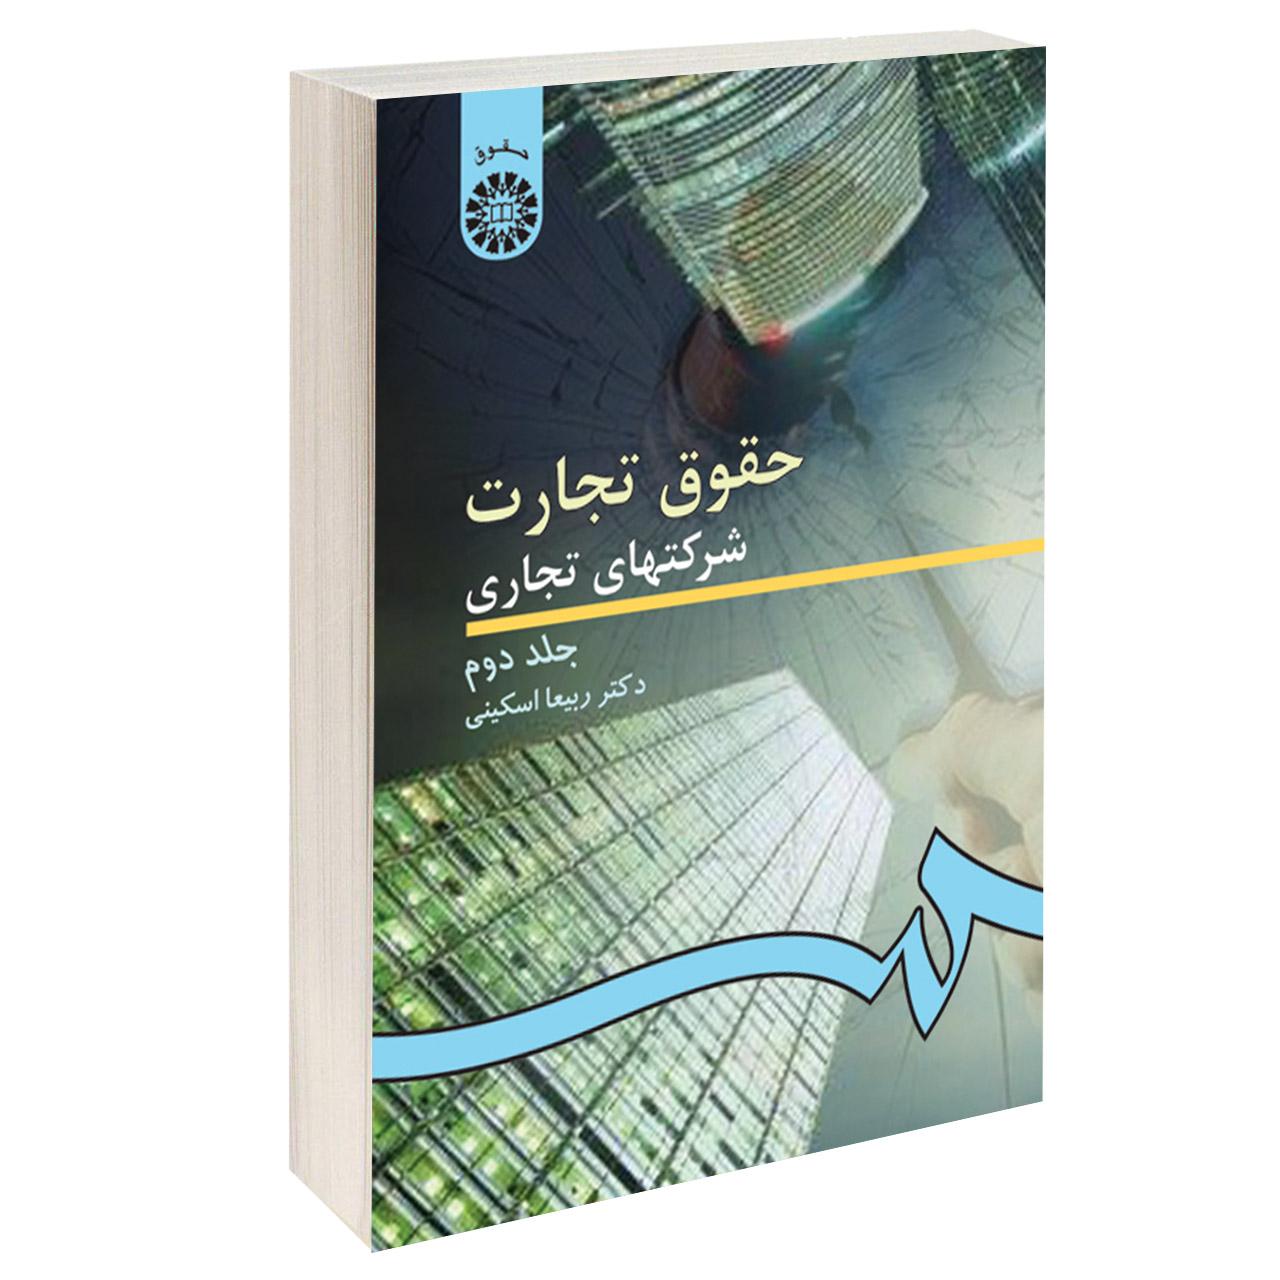 کتاب حقوق تجارت شرکتهای تجاری اثر دکتر ربیعا اسکینی نشر سمت جلد 2